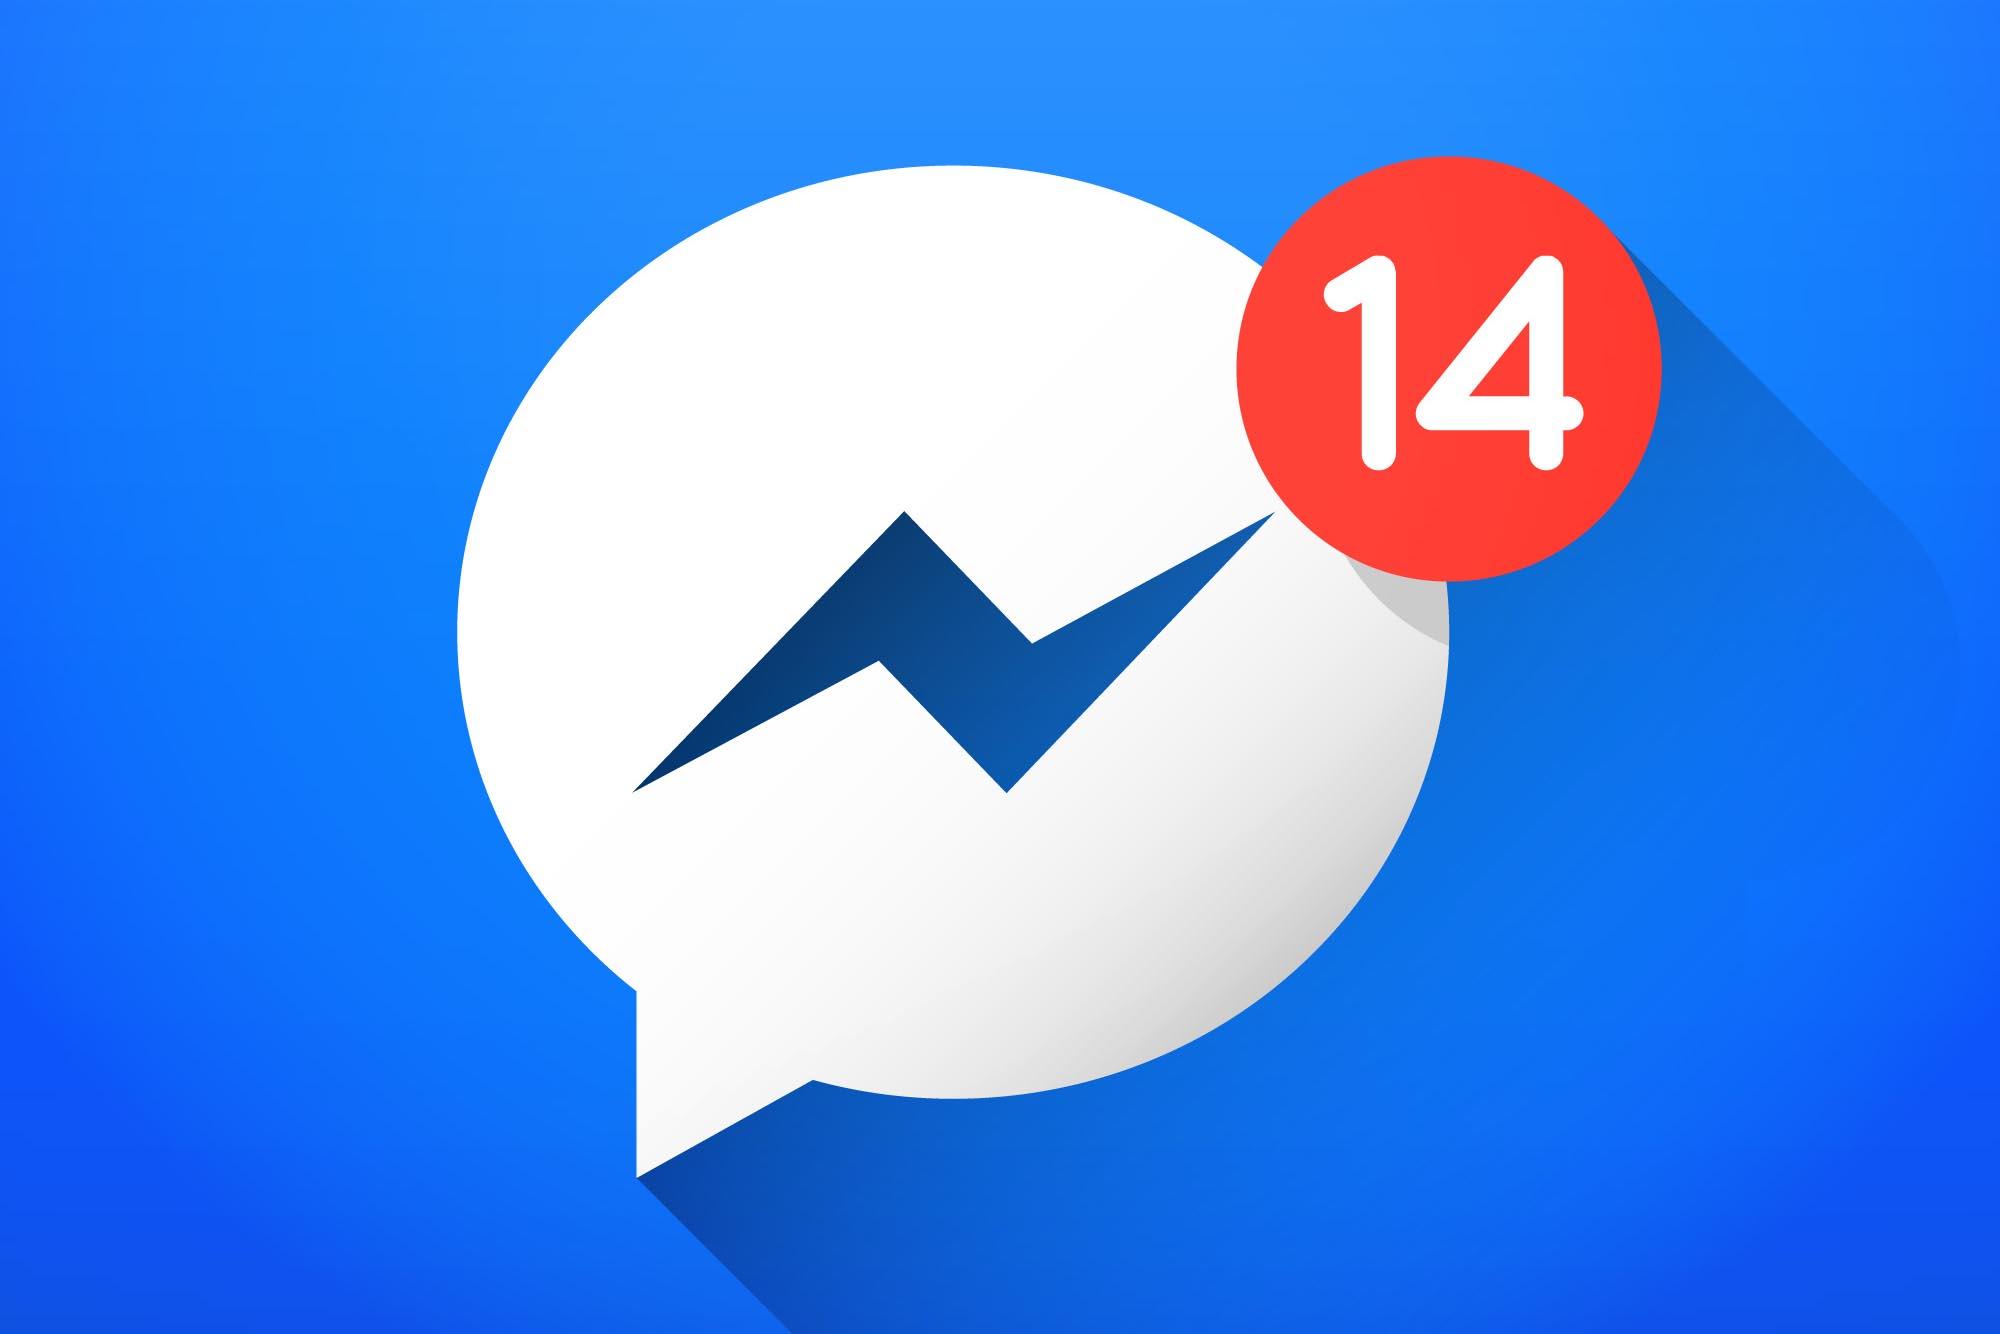 Mensagens do Instagram e do Facebook Messenger agora podem ser integradas no Brasil